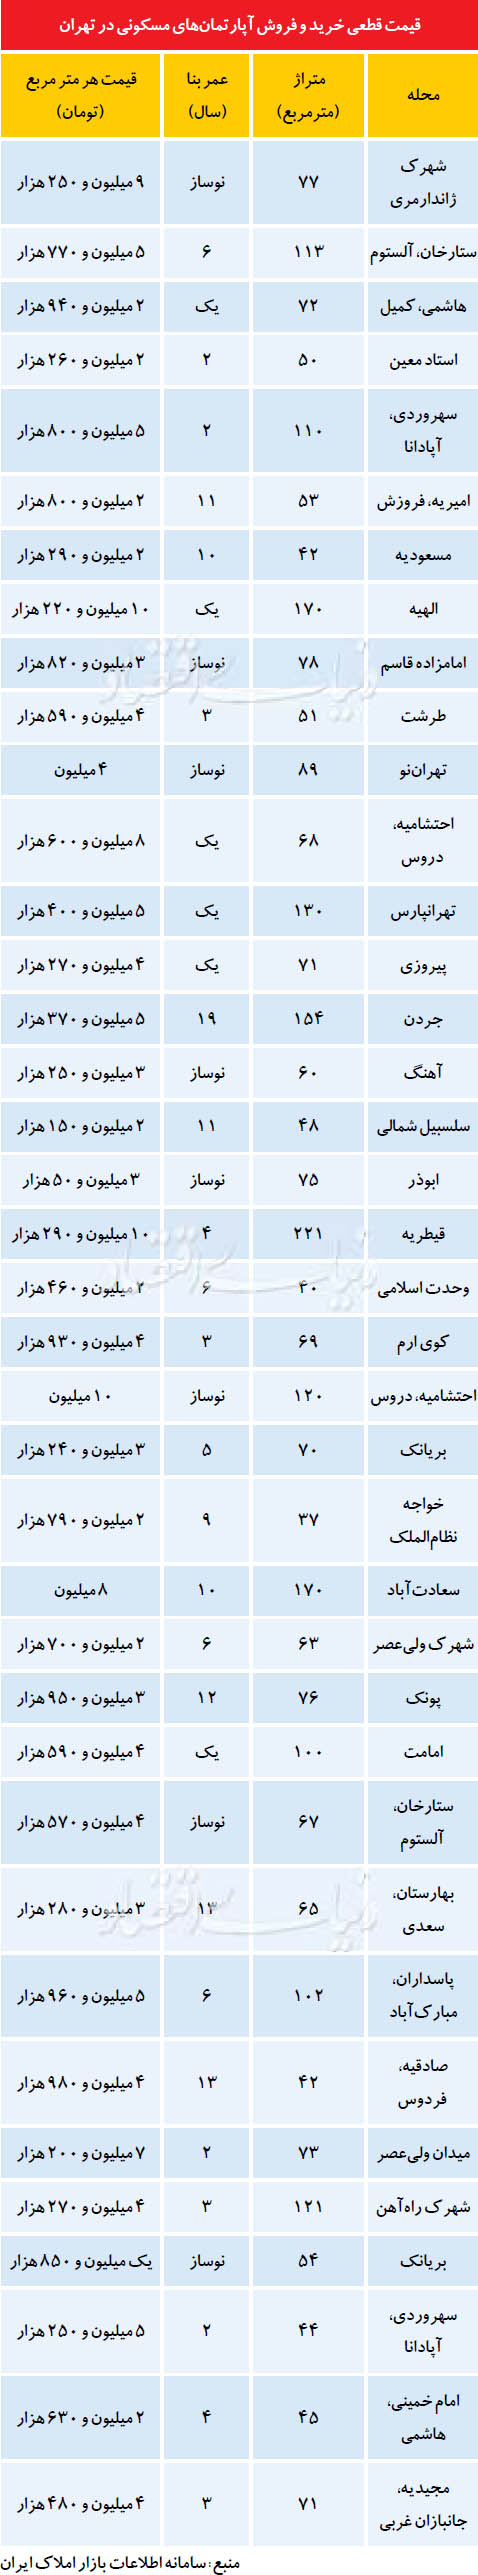 رشد 10 درصدی معاملات مسکن در تهران +جدول قیمت آپارتمان های مسکونی